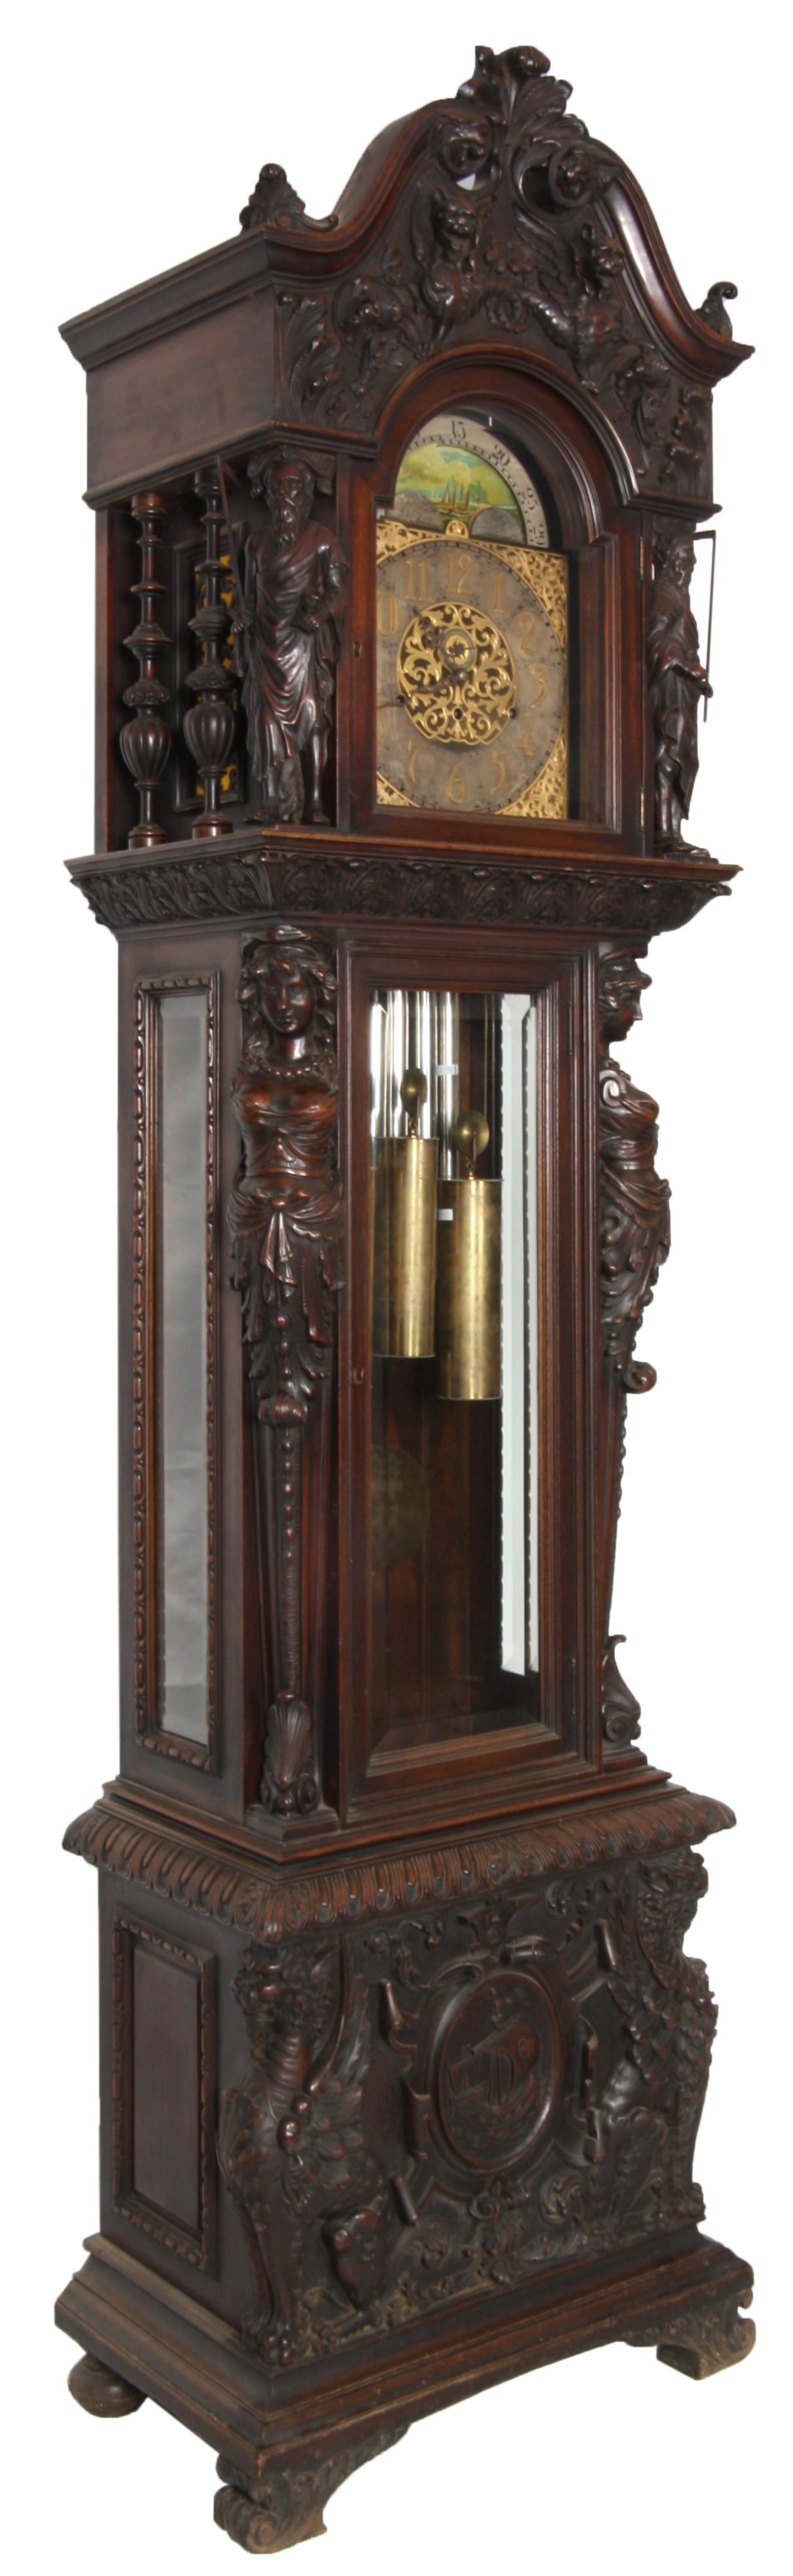 Rj Horner Furniture Maker Decoration Access